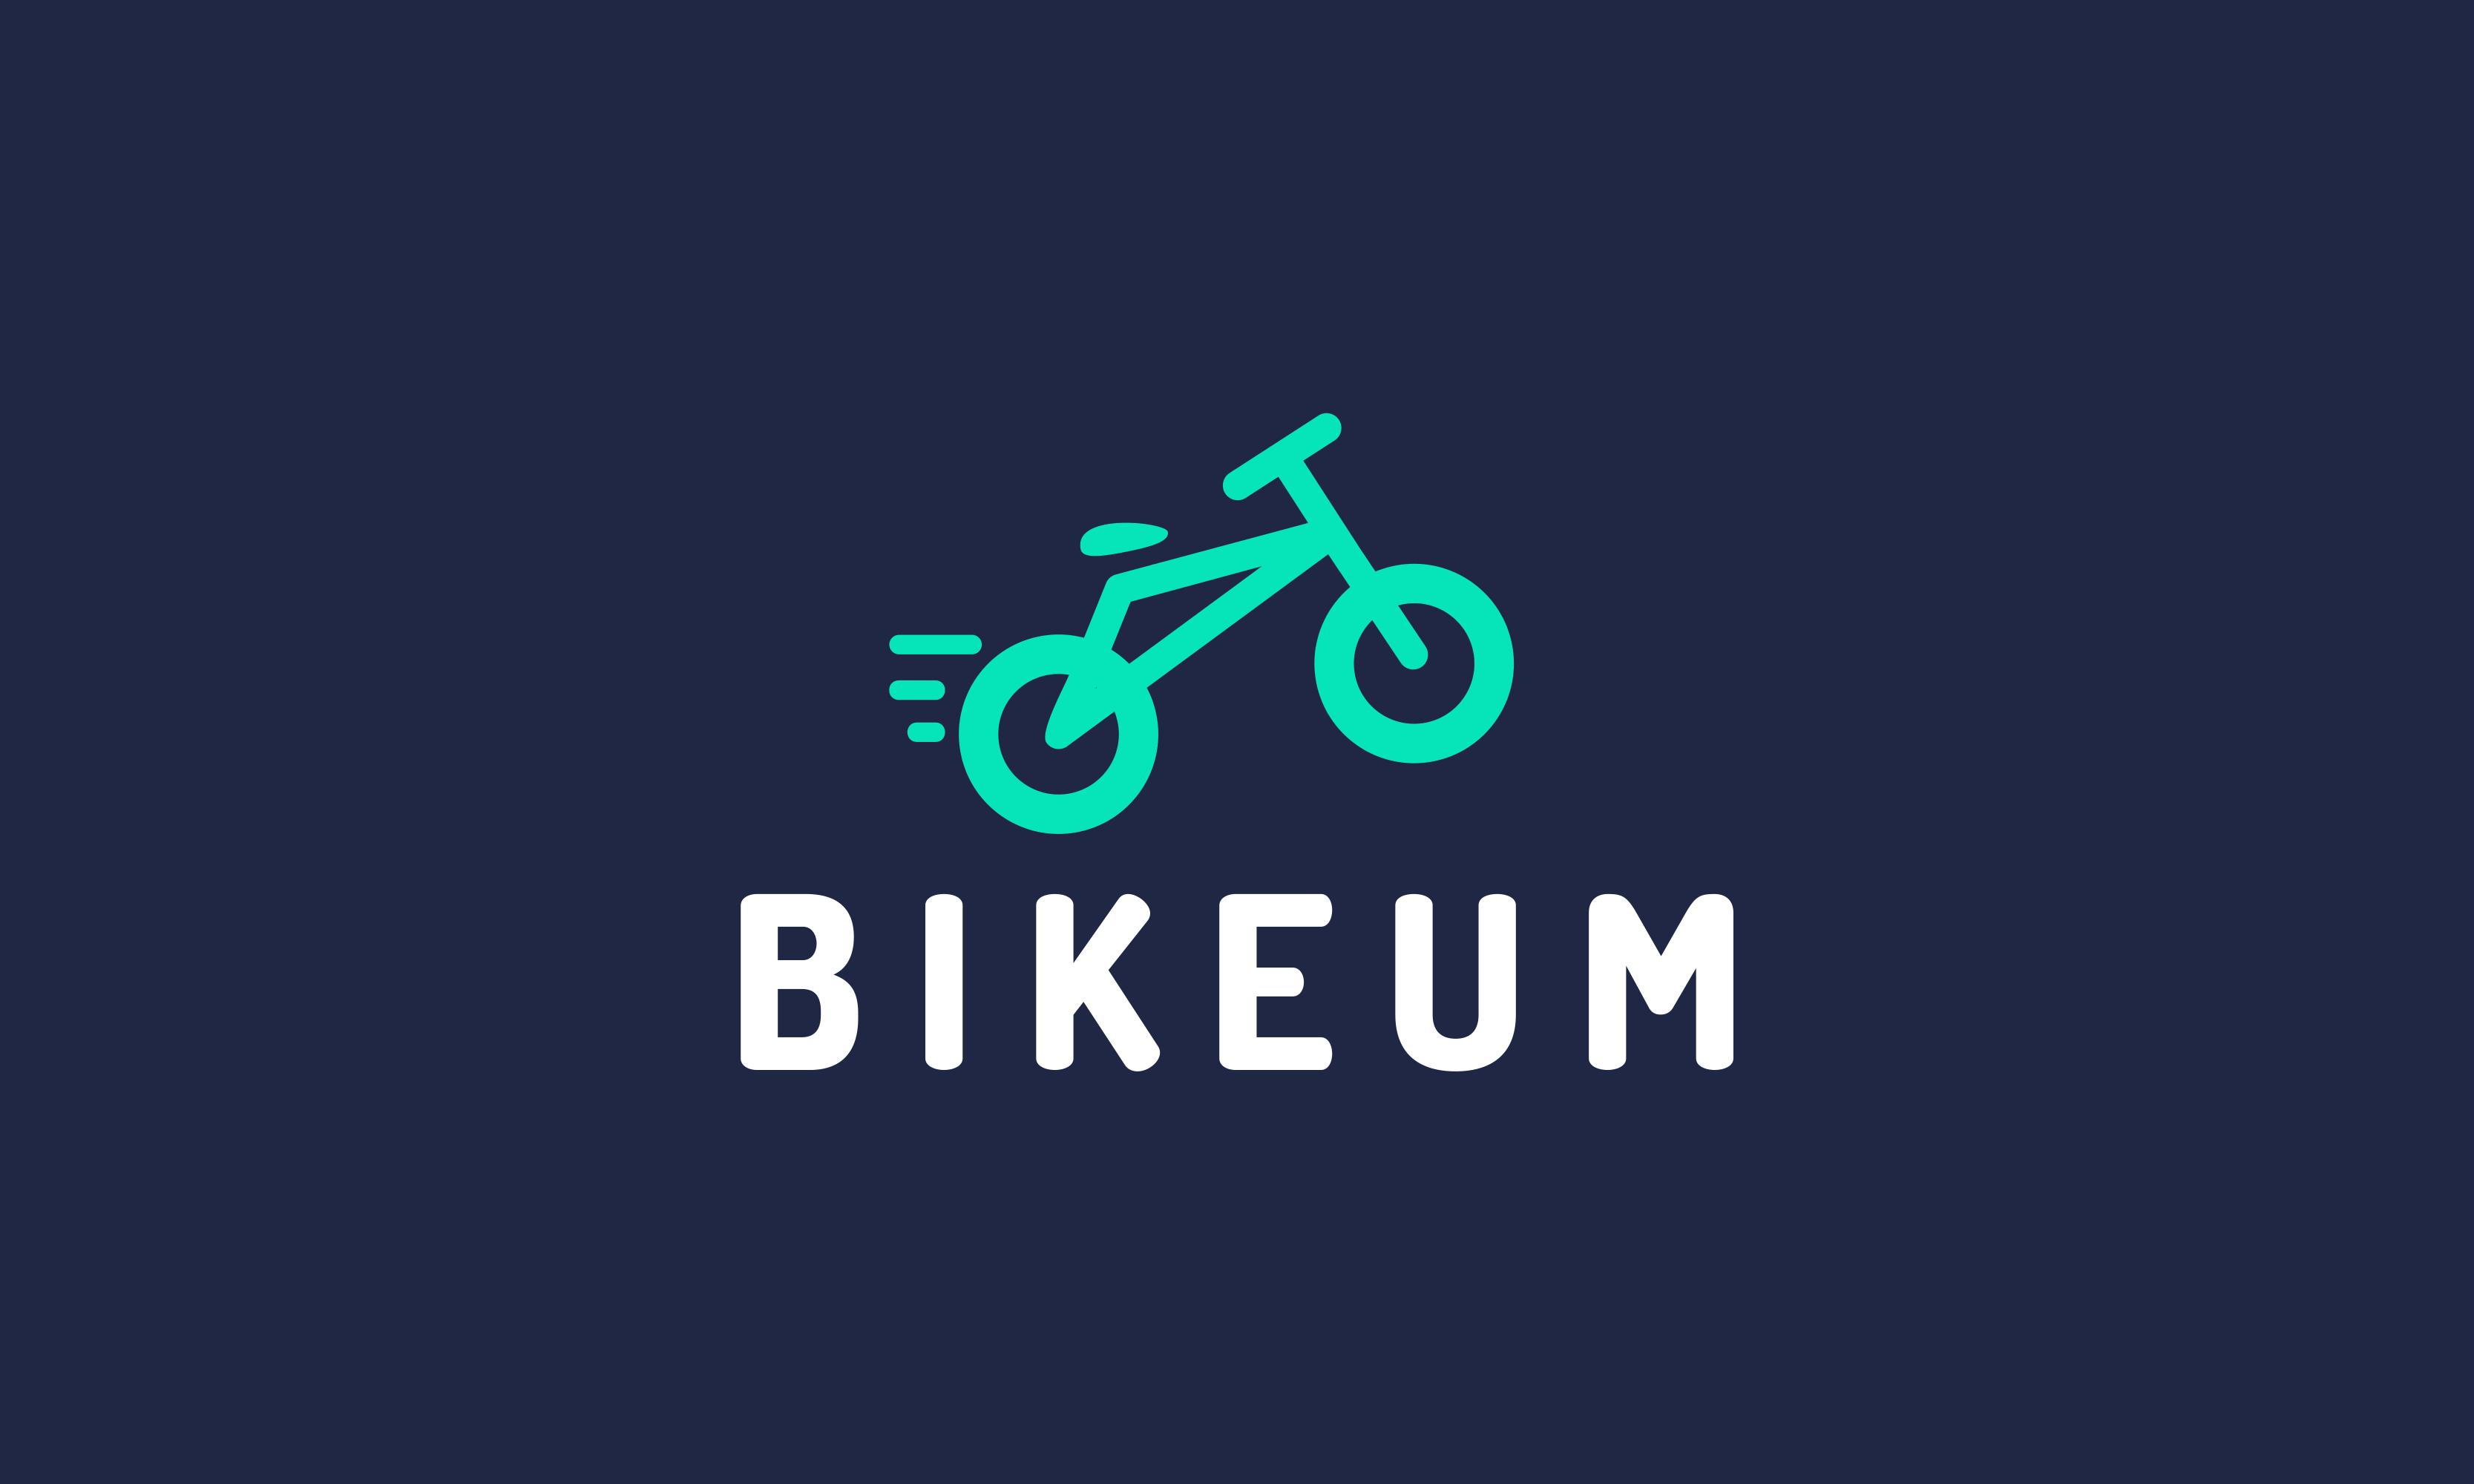 Bikeum